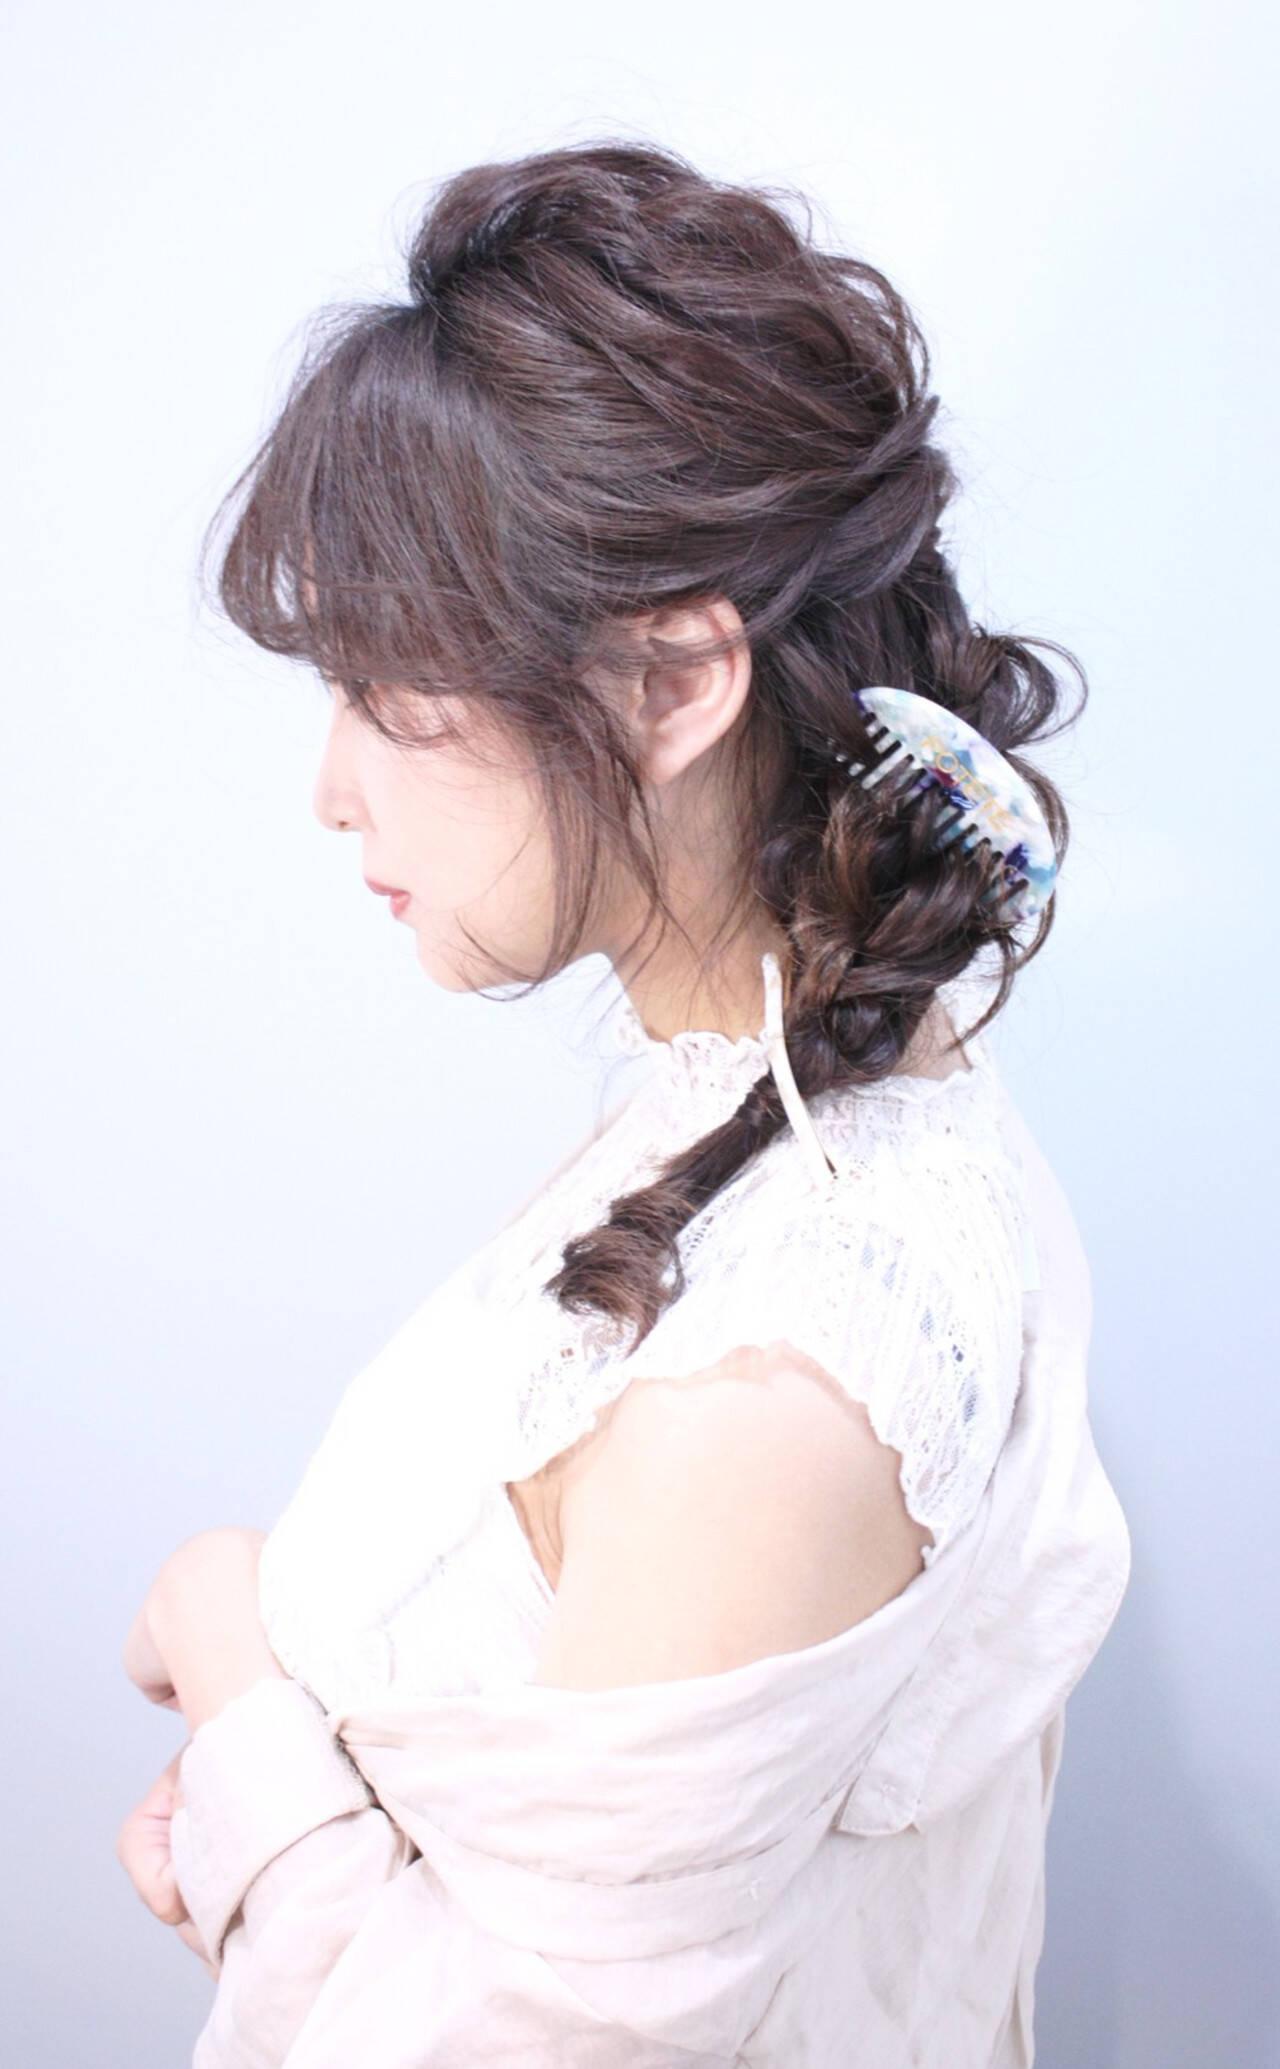 編みおろしヘア 結婚式ヘアアレンジ ヘアアレンジ ロングヘアスタイルや髪型の写真・画像